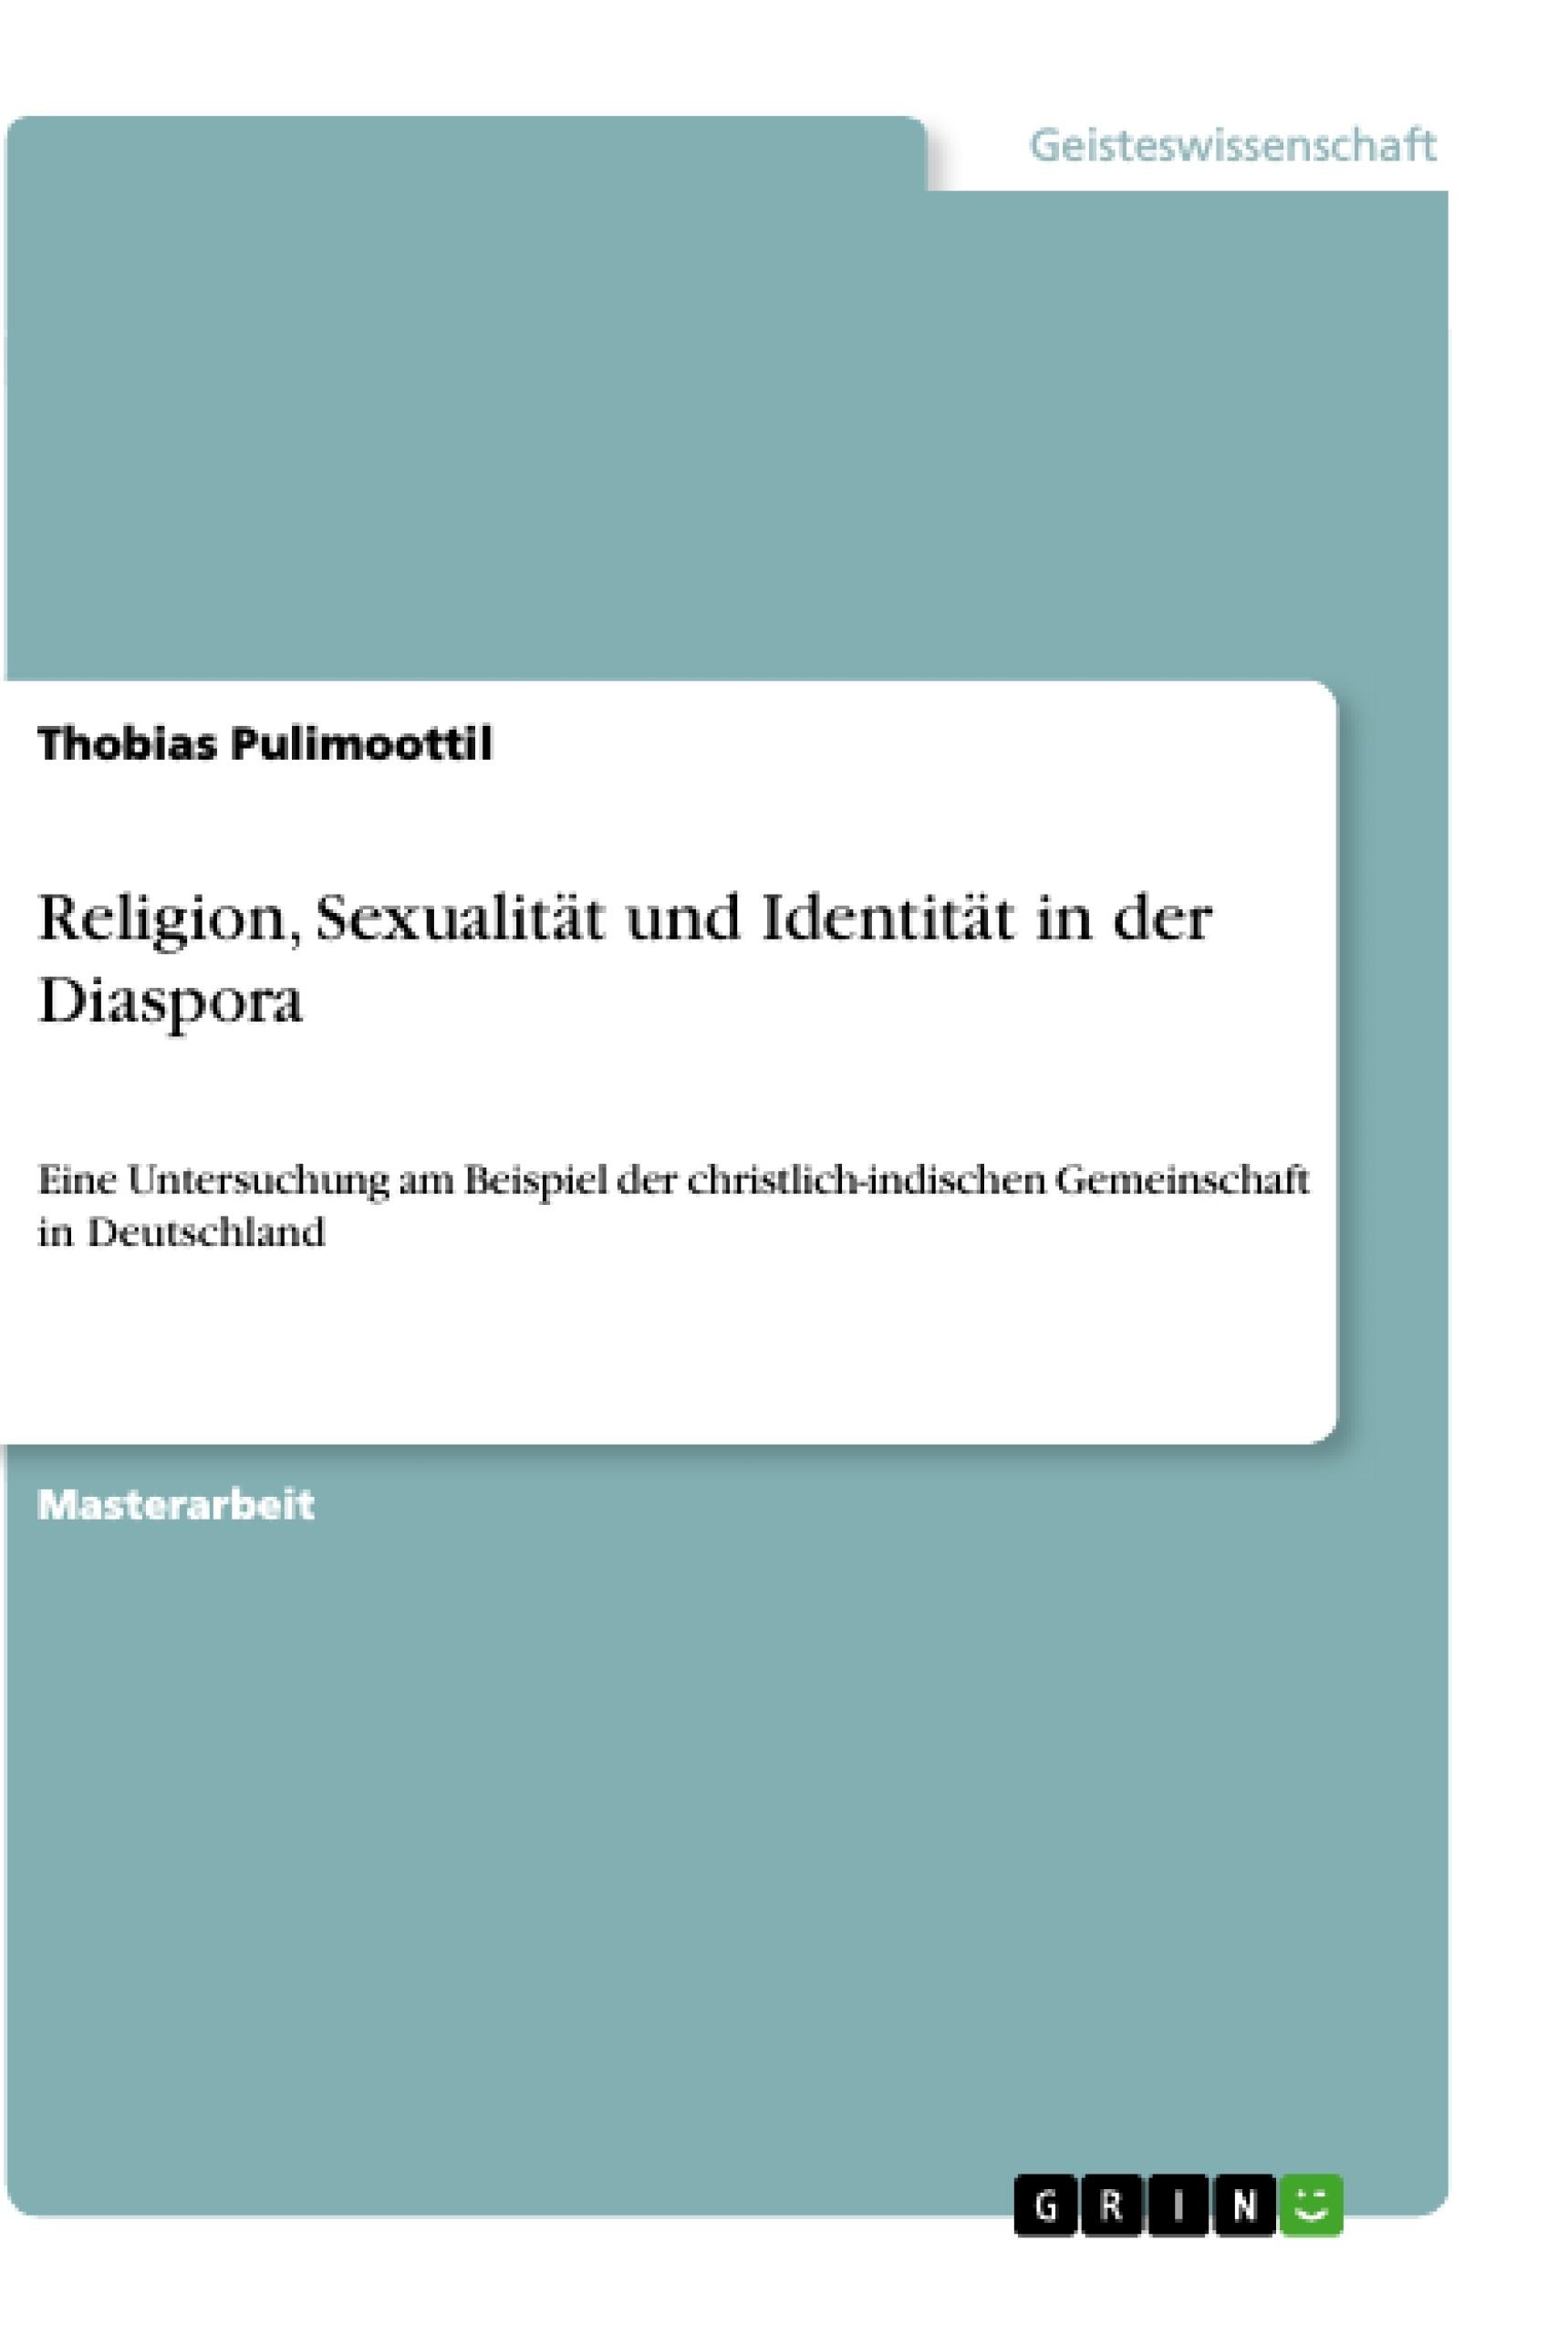 Titel: Religion, Sexualität und Identität in der Diaspora